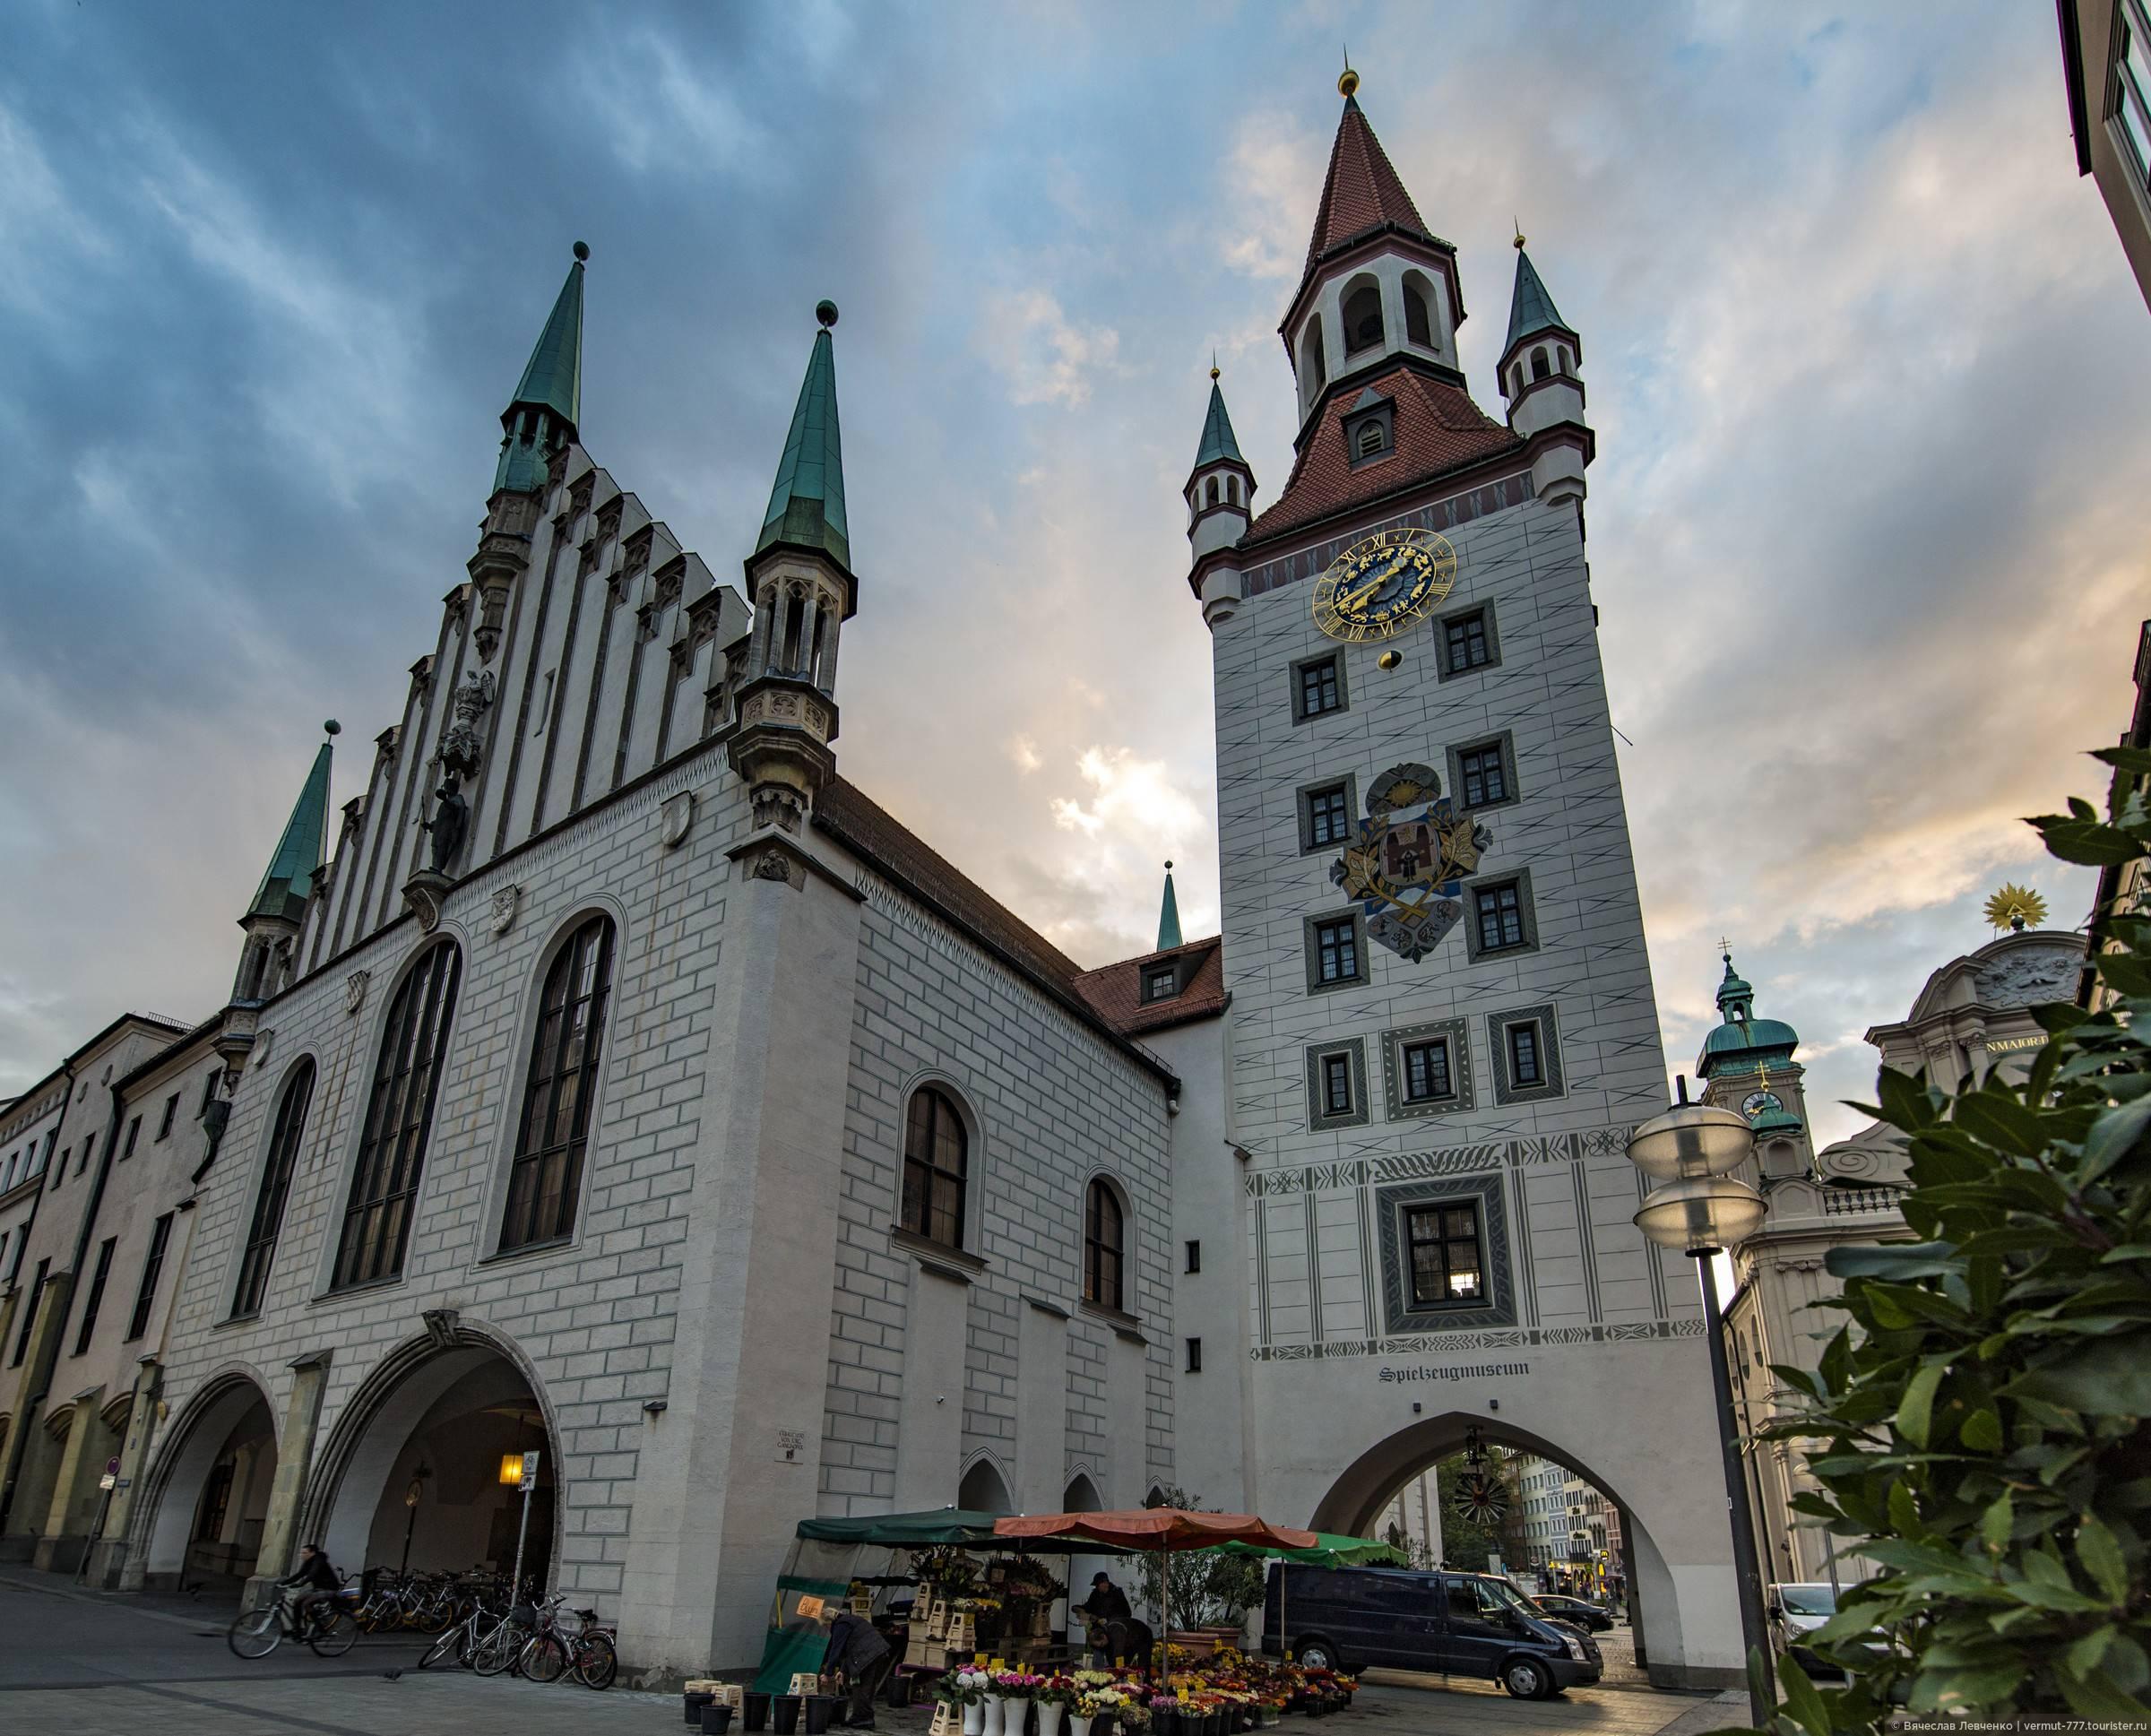 Улица нойхаузер (нойхаузерштрассе), мюнхен, германия – история, магазины, достопримечательности, как добраться | туристер.ру